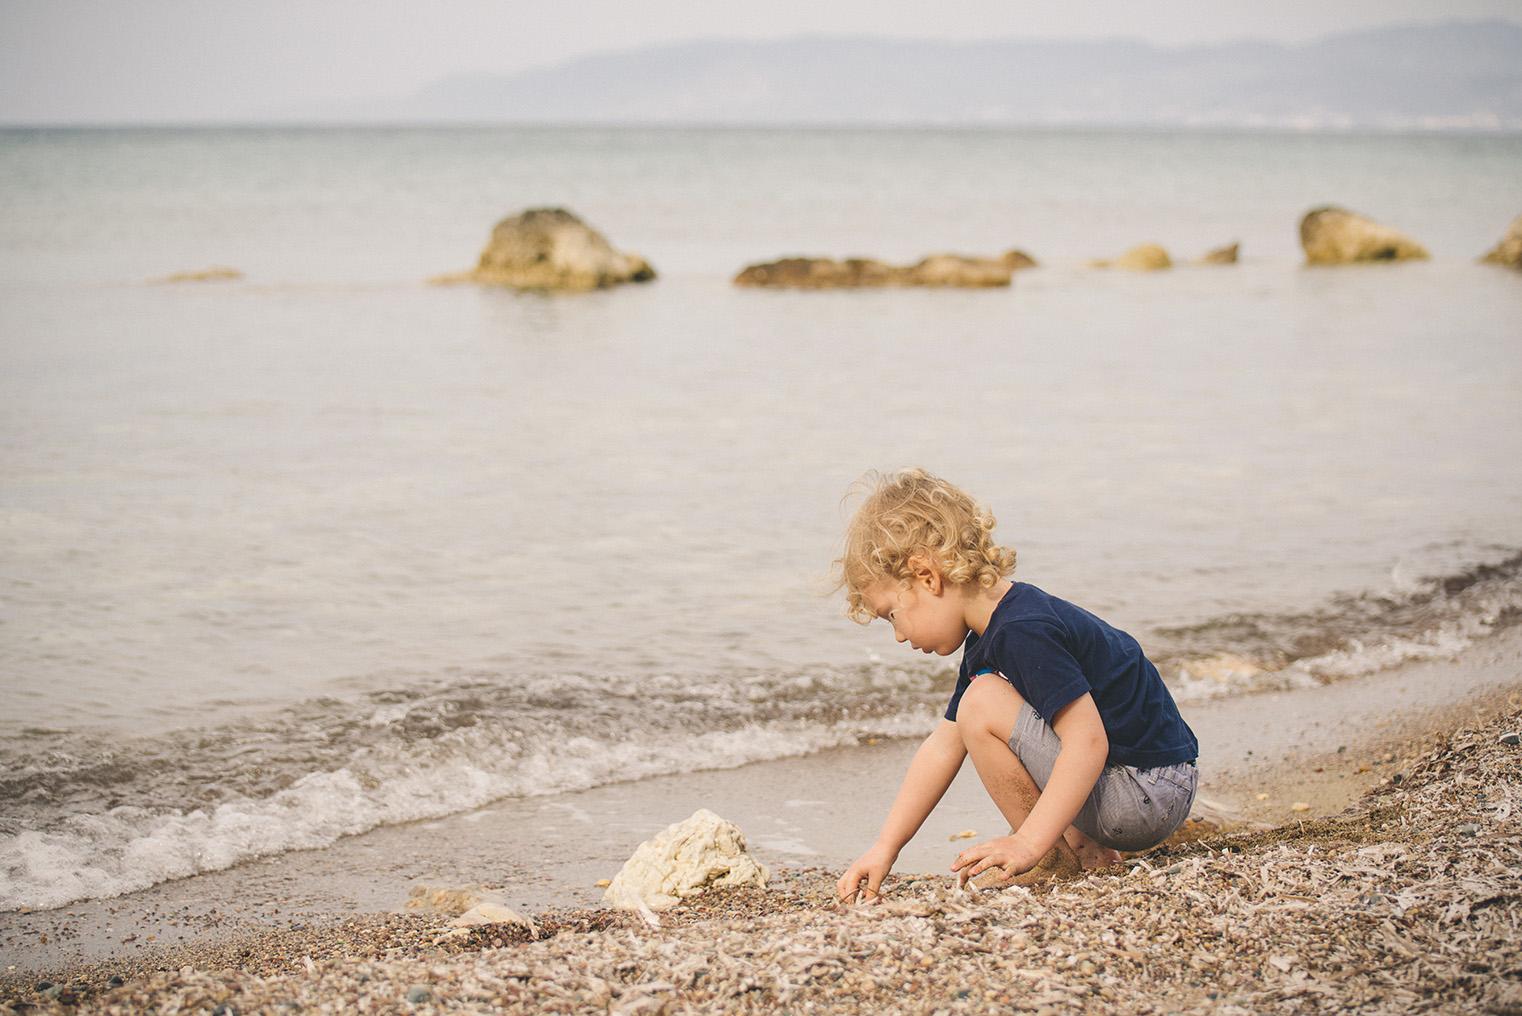 06.Majowka na Cyprze - podroz z dzieckiem